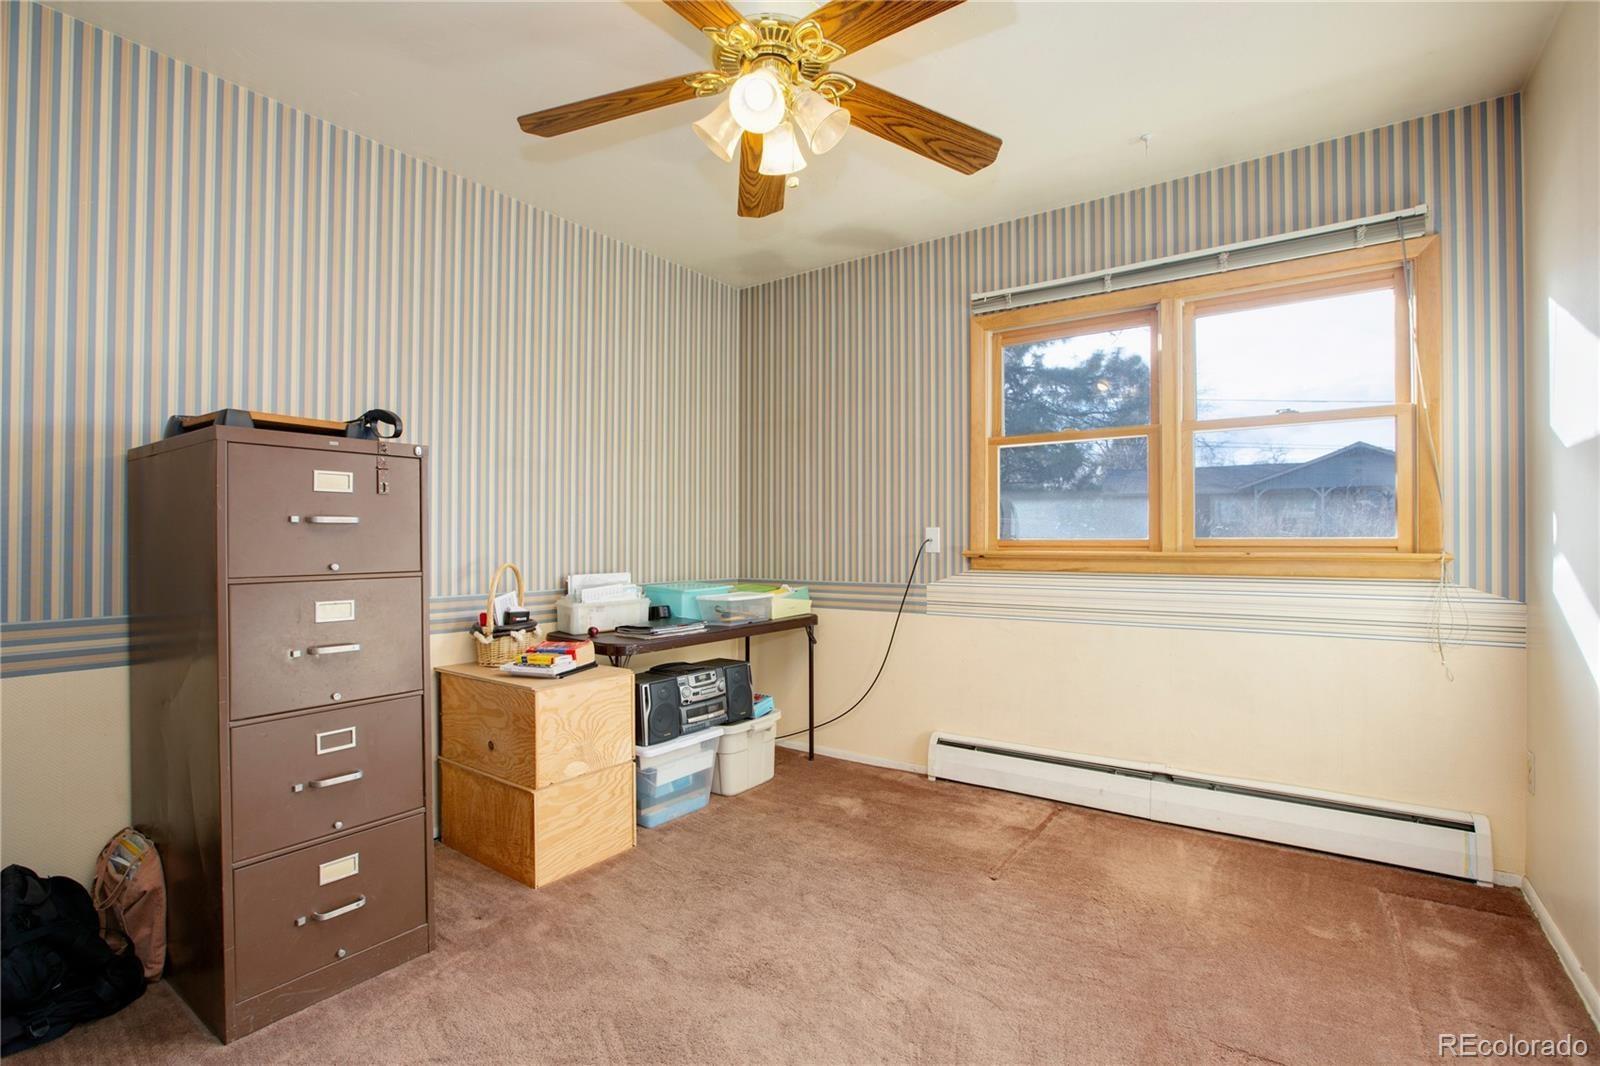 MLS# 4563423 - 19 - 3425 S Pierce Street, Lakewood, CO 80227